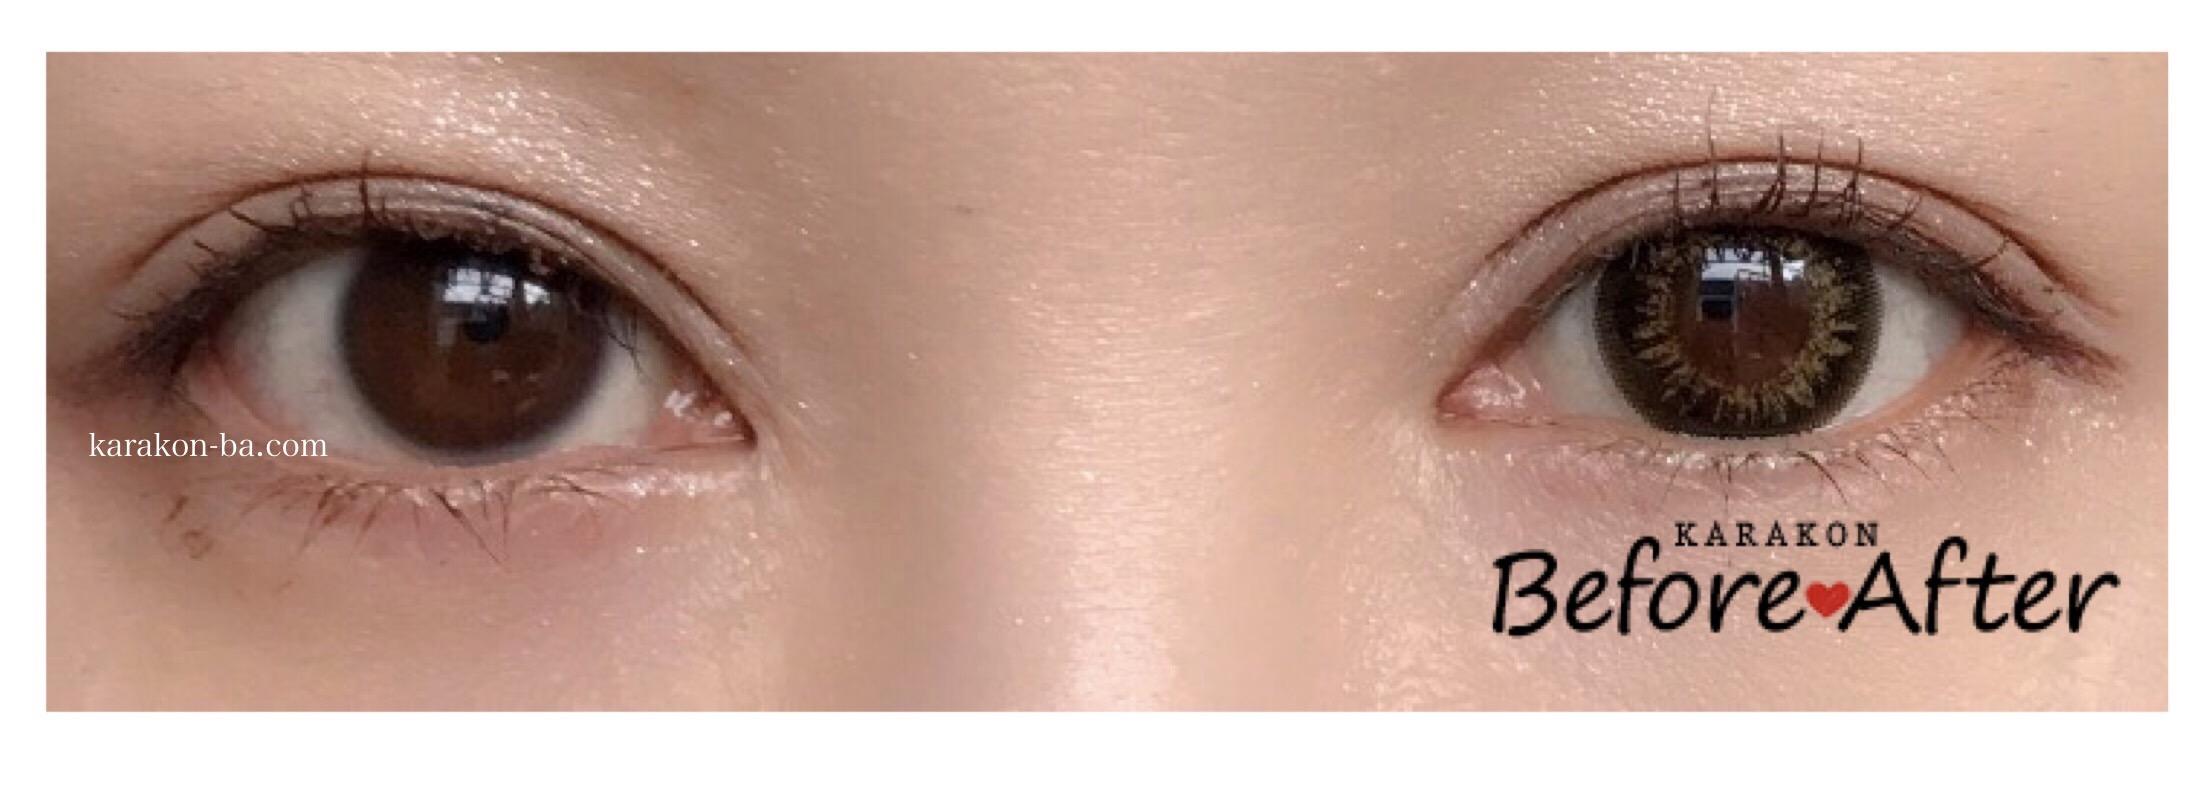 イエローグリーン装着画像/両目で比較